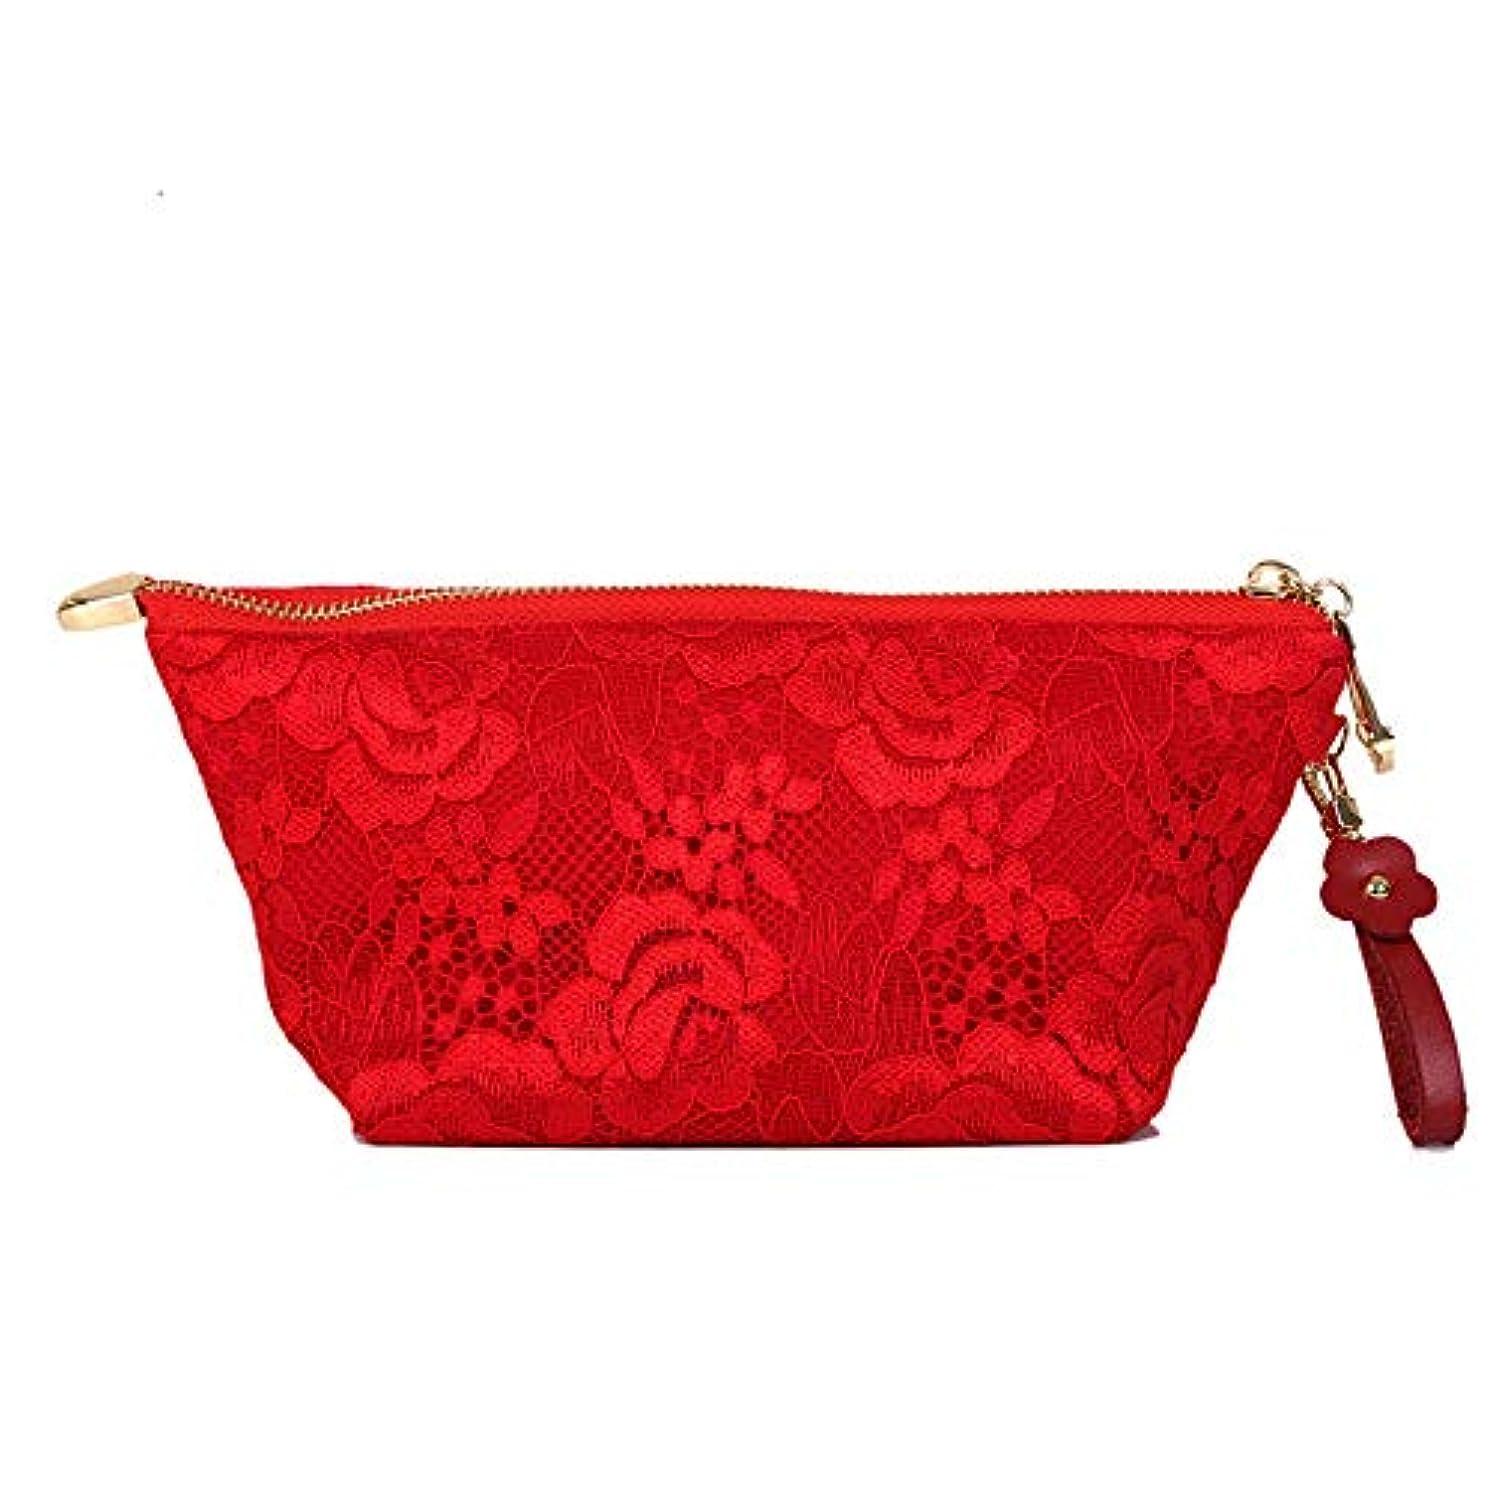 においメンバー二層エッセンシャルオイルボックス エッセンシャルオイルのスーツケース収納バイアルの10本のボトル ??- シェル型の赤のクラッチバッグはオイルストレージ統合袋を主催 アロマセラピー収納ボックス (色 : 赤, サイズ : 24.5X11X8.5CM)